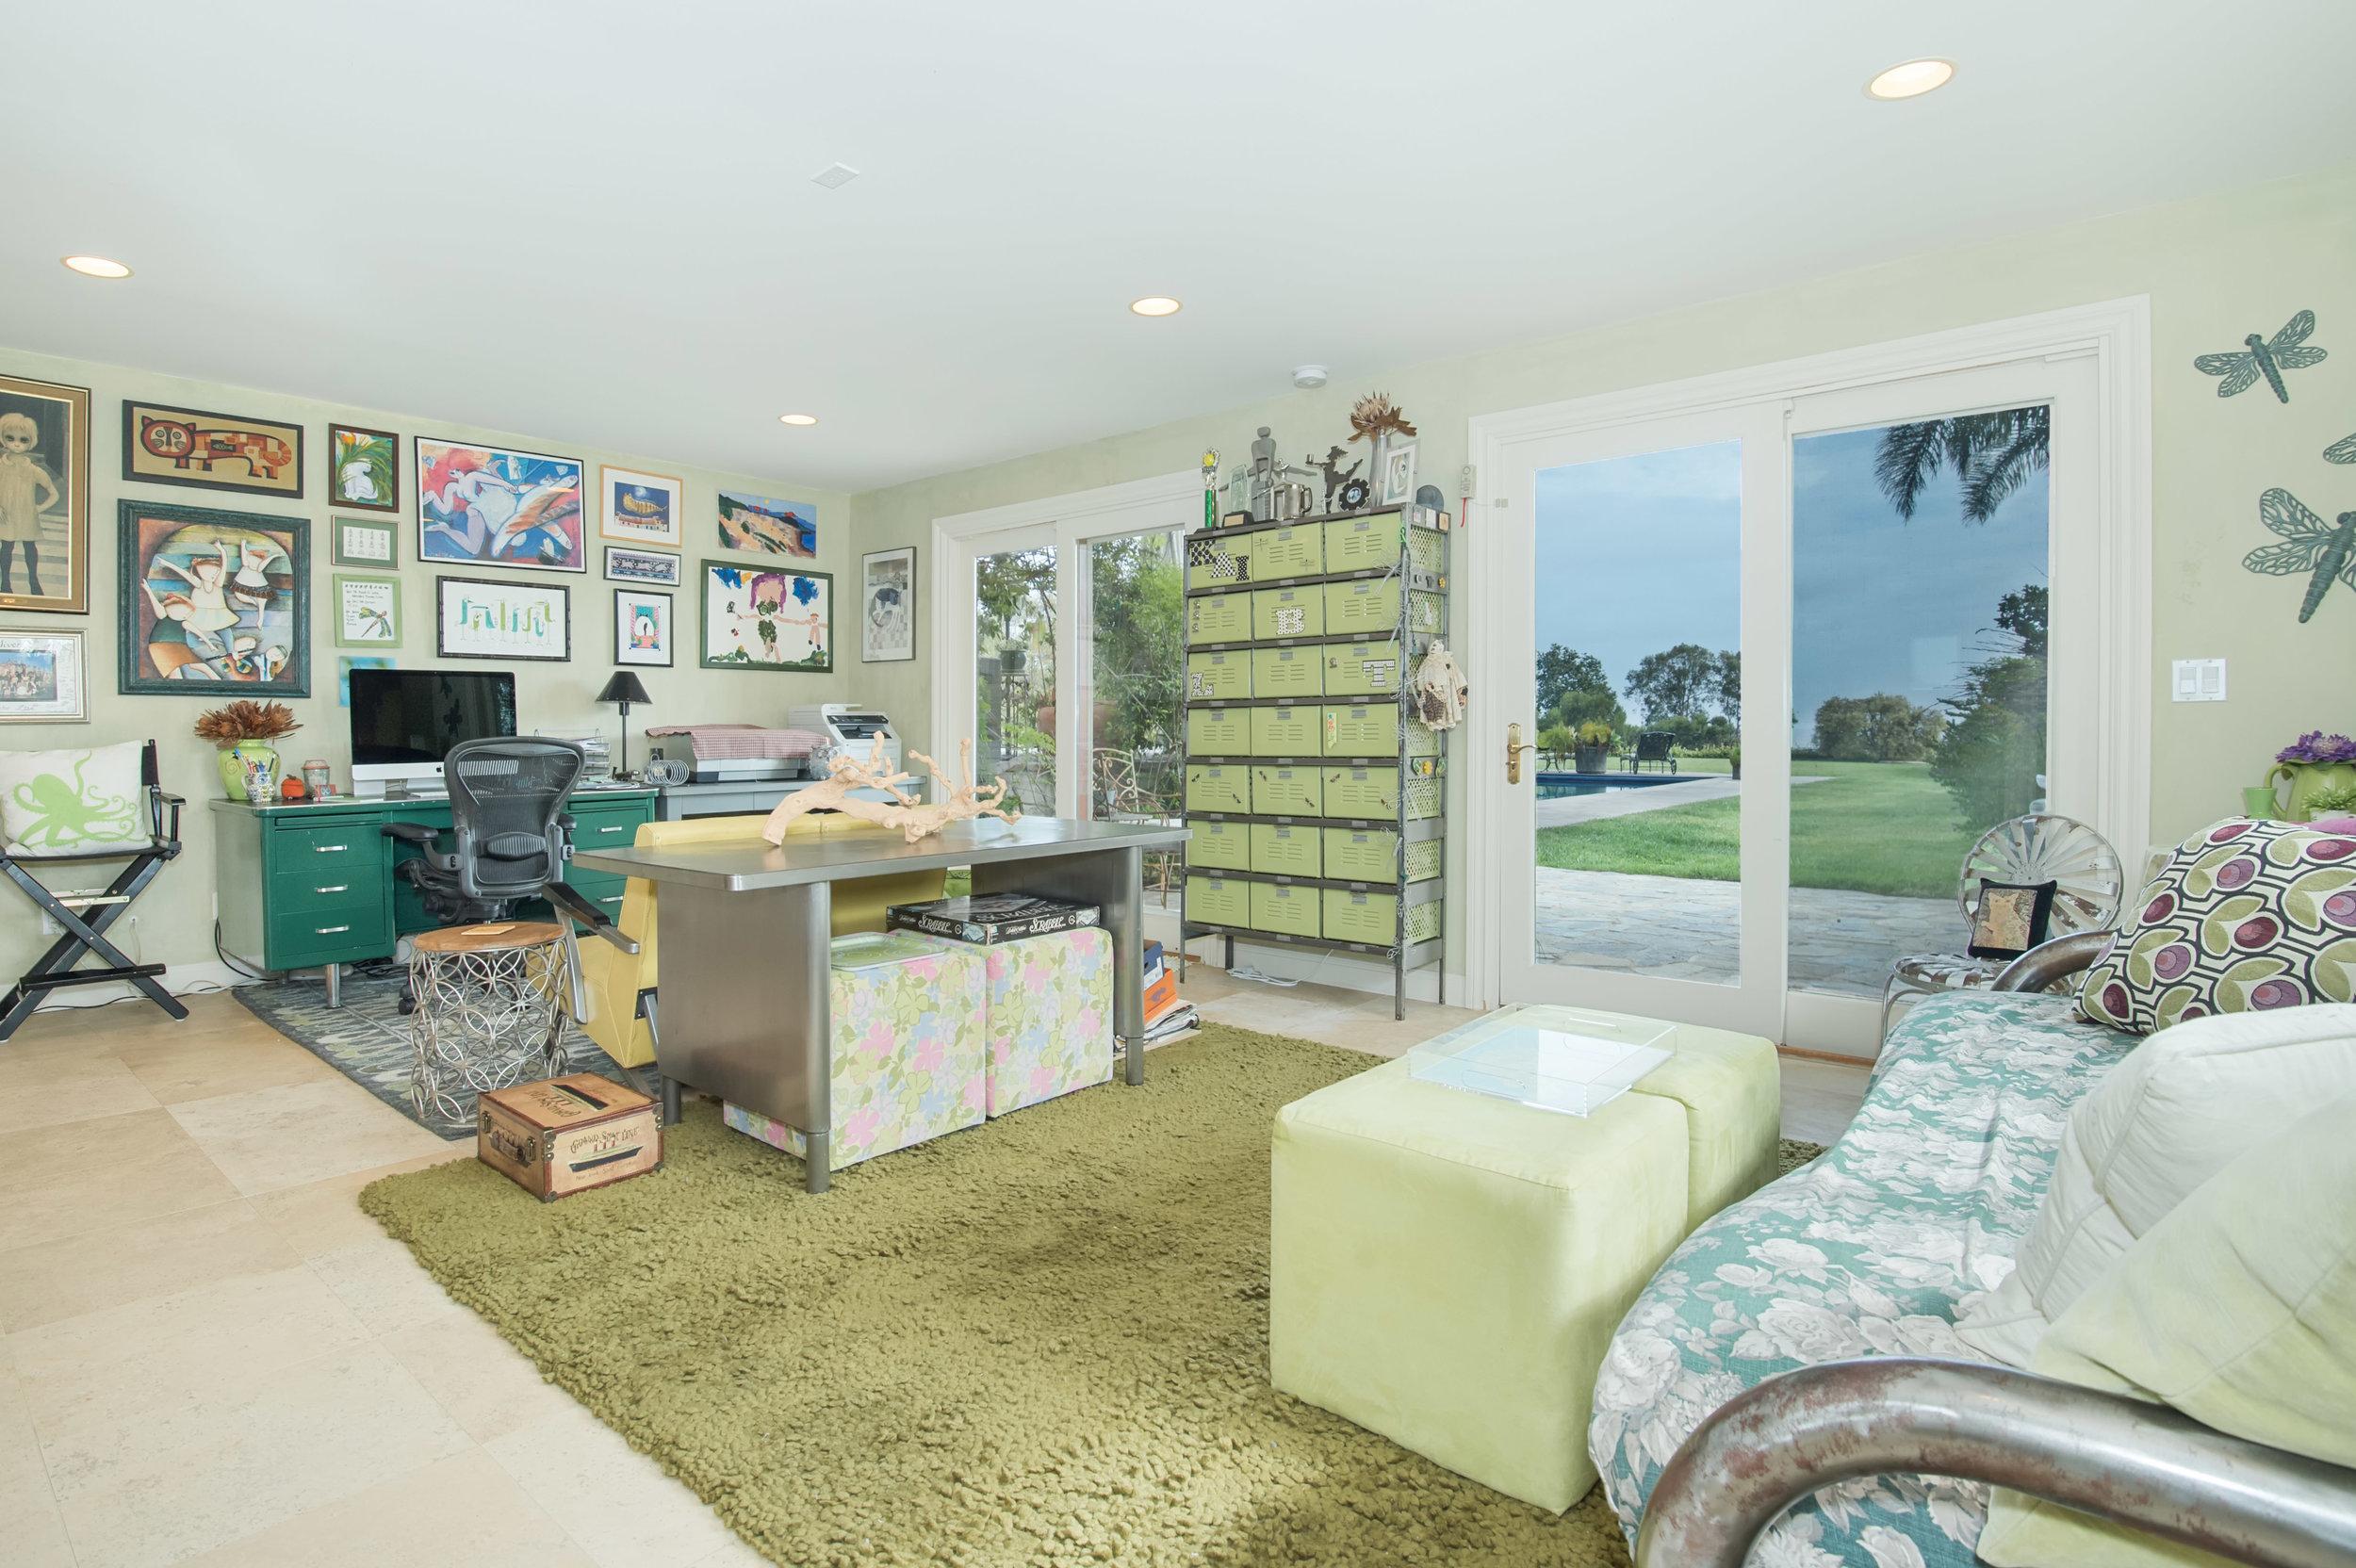 018 pool 29660 Harvester Road Malibu For Sale The Malibu Life Team Luxury Real Estate.jpg